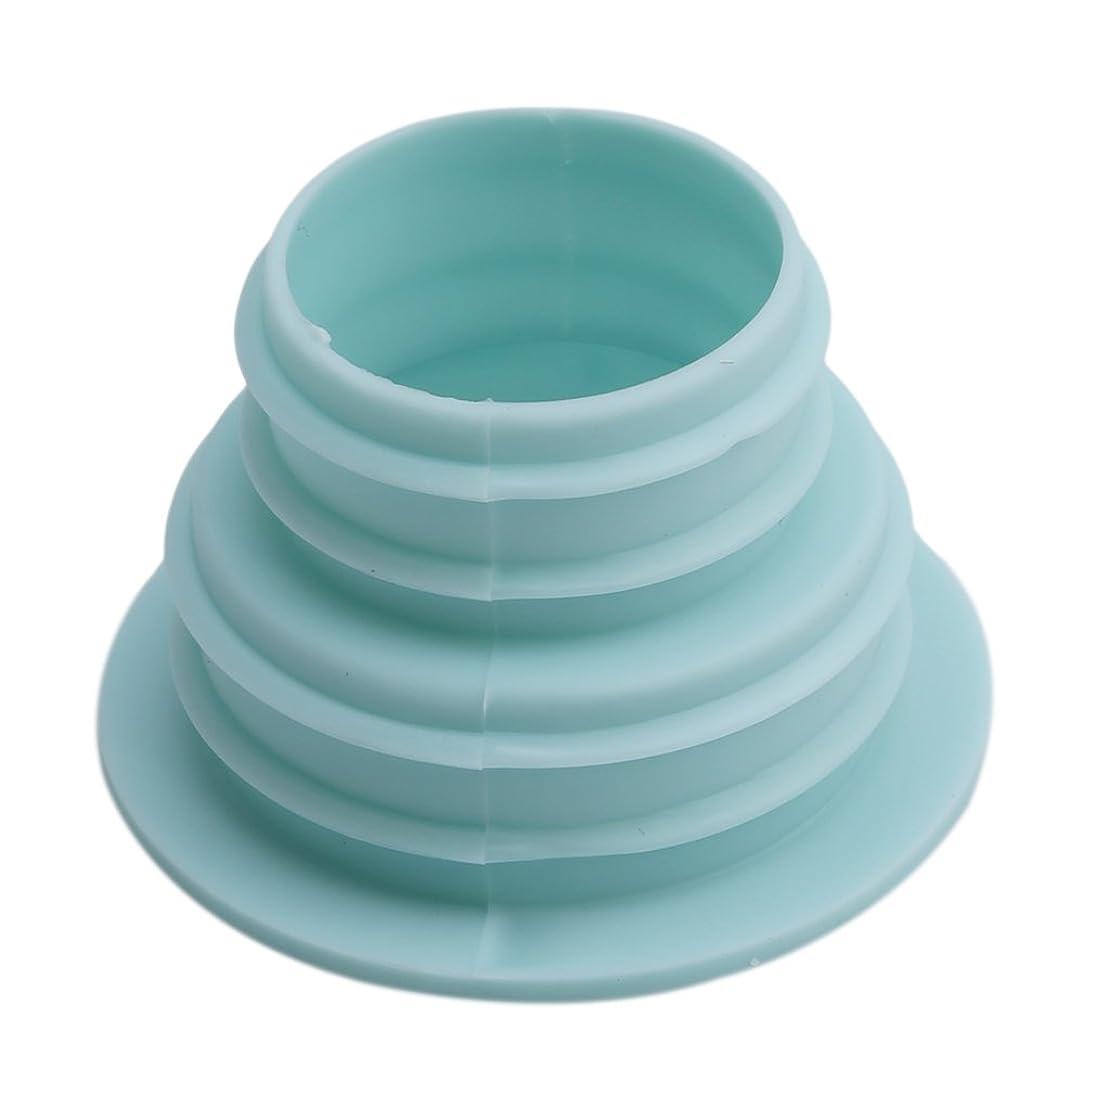 適応的軽蔑する広げるBEE&BLUE 洗濯機ホース用の排水口取り付けパーツ (ライトブルー)